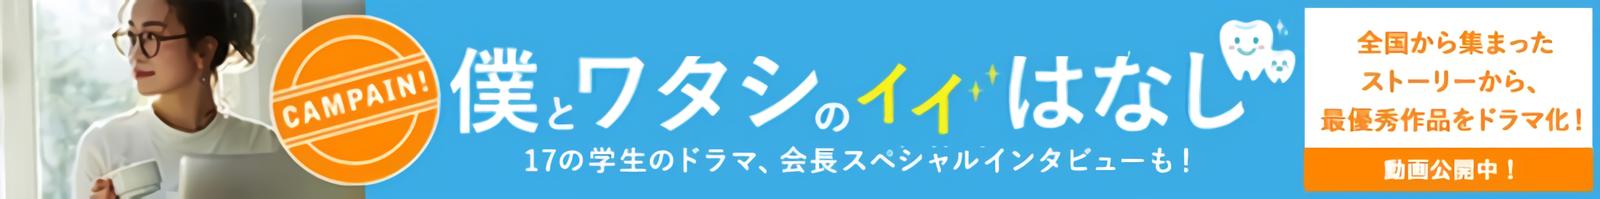 日本私立歯科大学協会主催「僕とワタシのイイはなし」